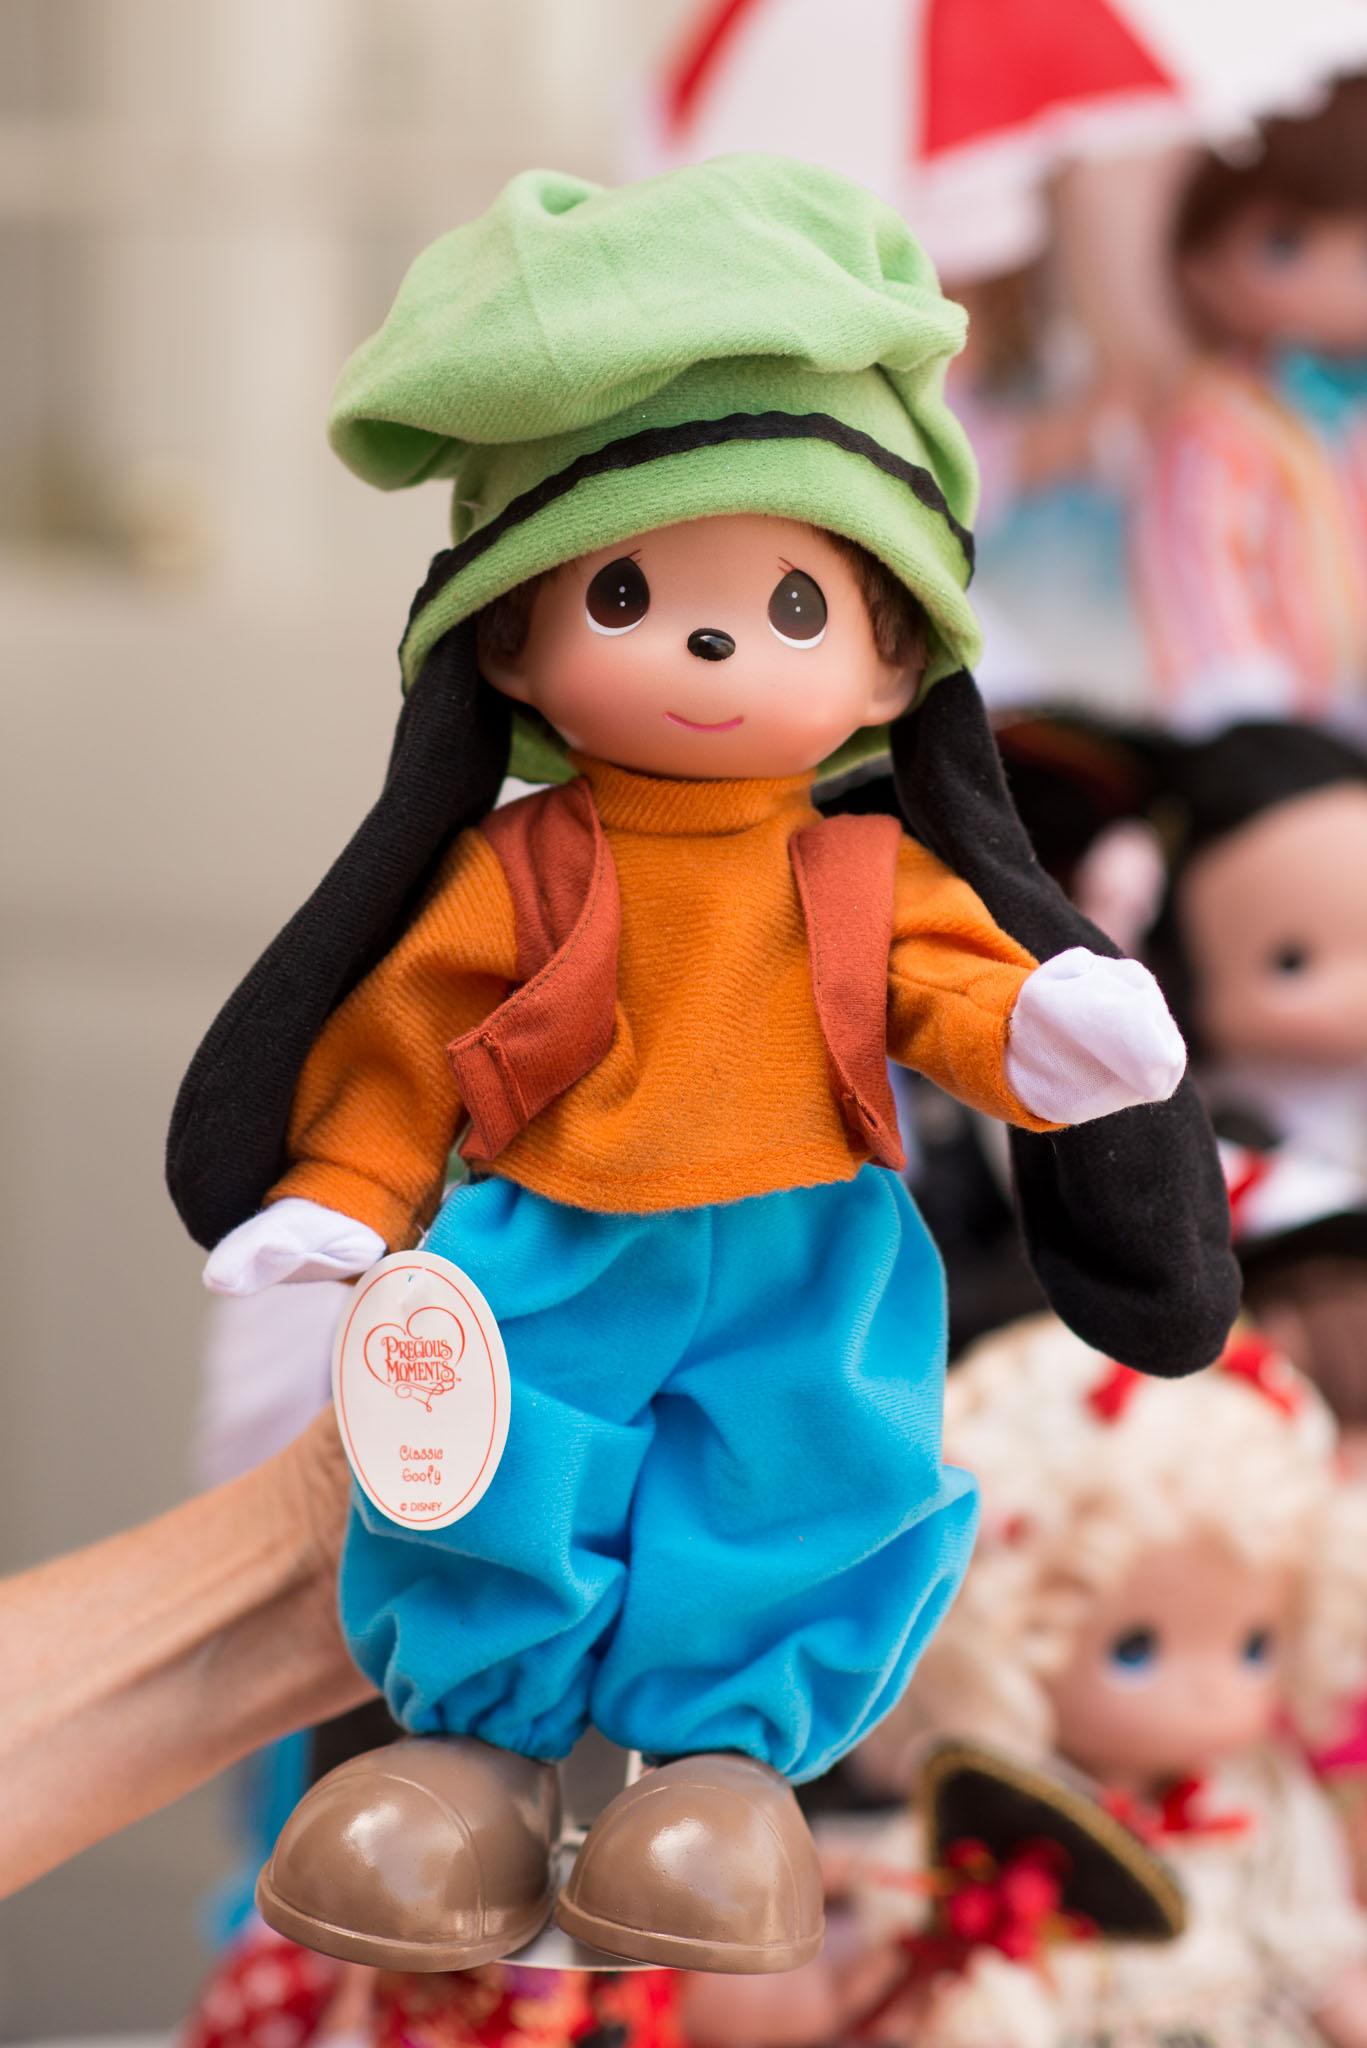 Precious Moments Disney Doll Collection - Goofy - Epcot Flower & Garden Festival 2016